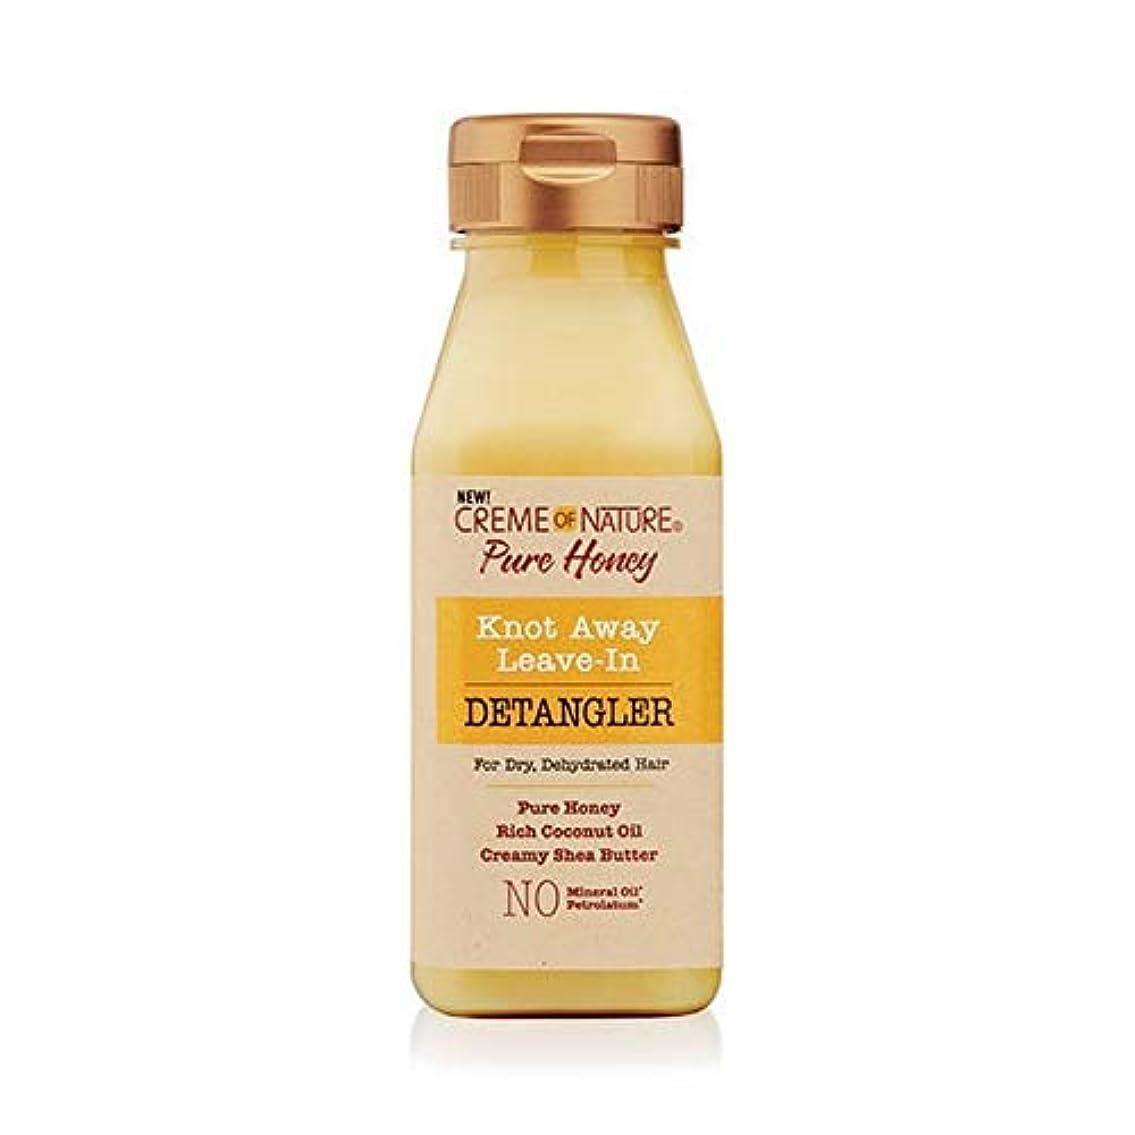 テクトニック想定運命的な[Creme of Nature ] 自然の純粋な蜂蜜の結び目のクリームは離れDetanglerに残します - Creme of Nature Pure Honey Knot Away Leave in Detangler...